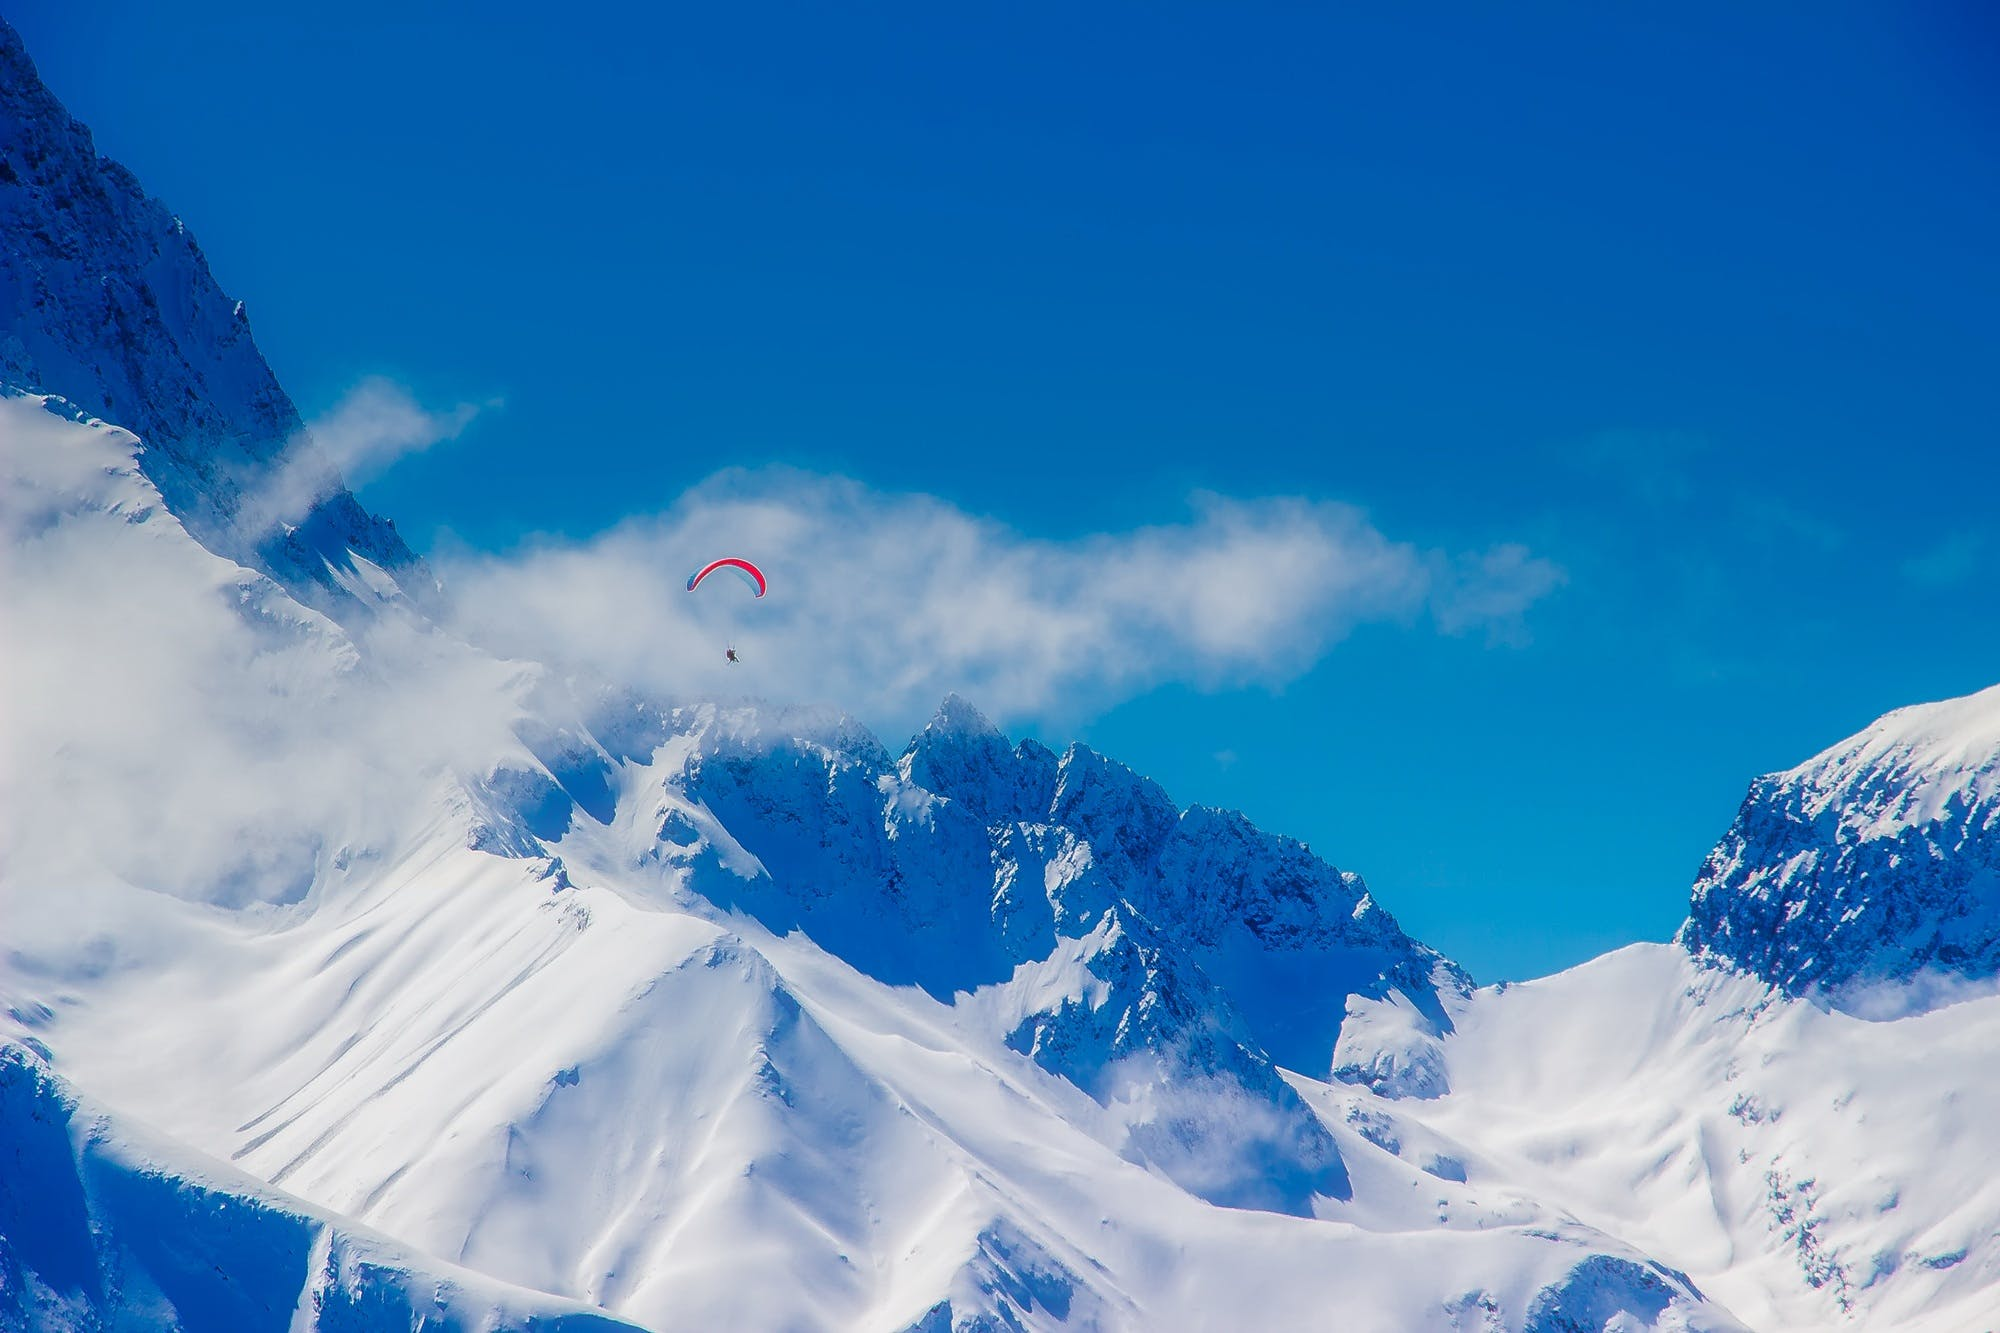 adventure, altitude, blue sky